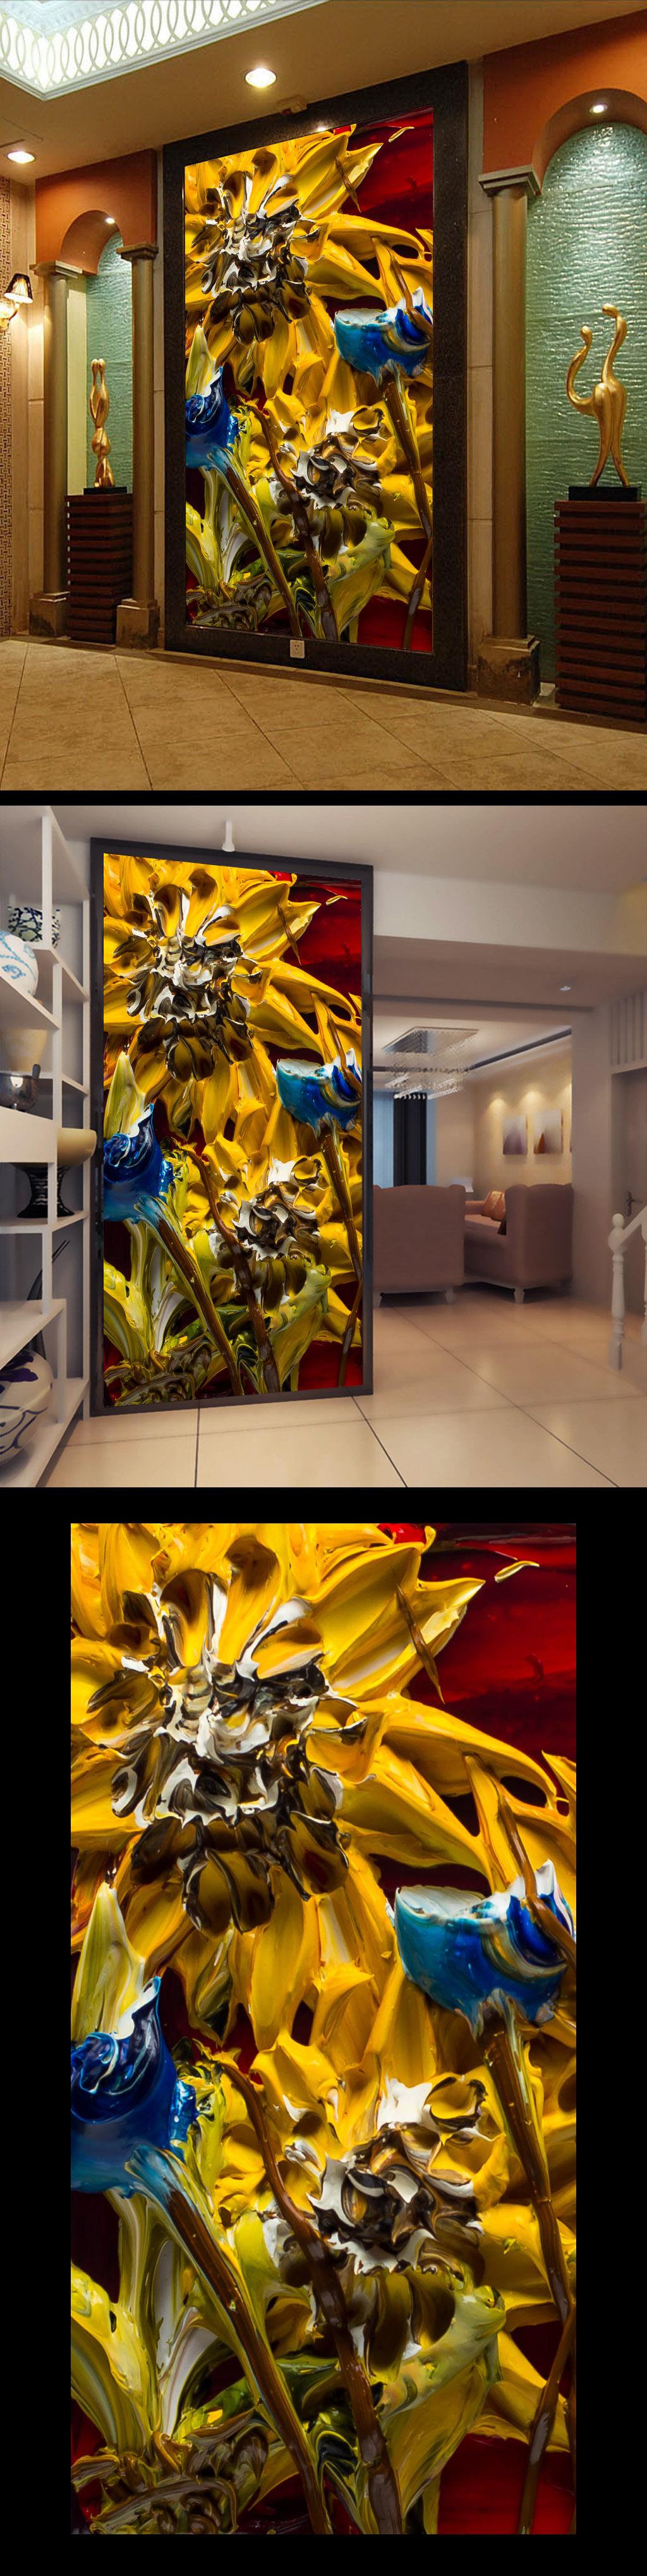 手绘高清立体月季花卉壁画门厅玄关装饰画